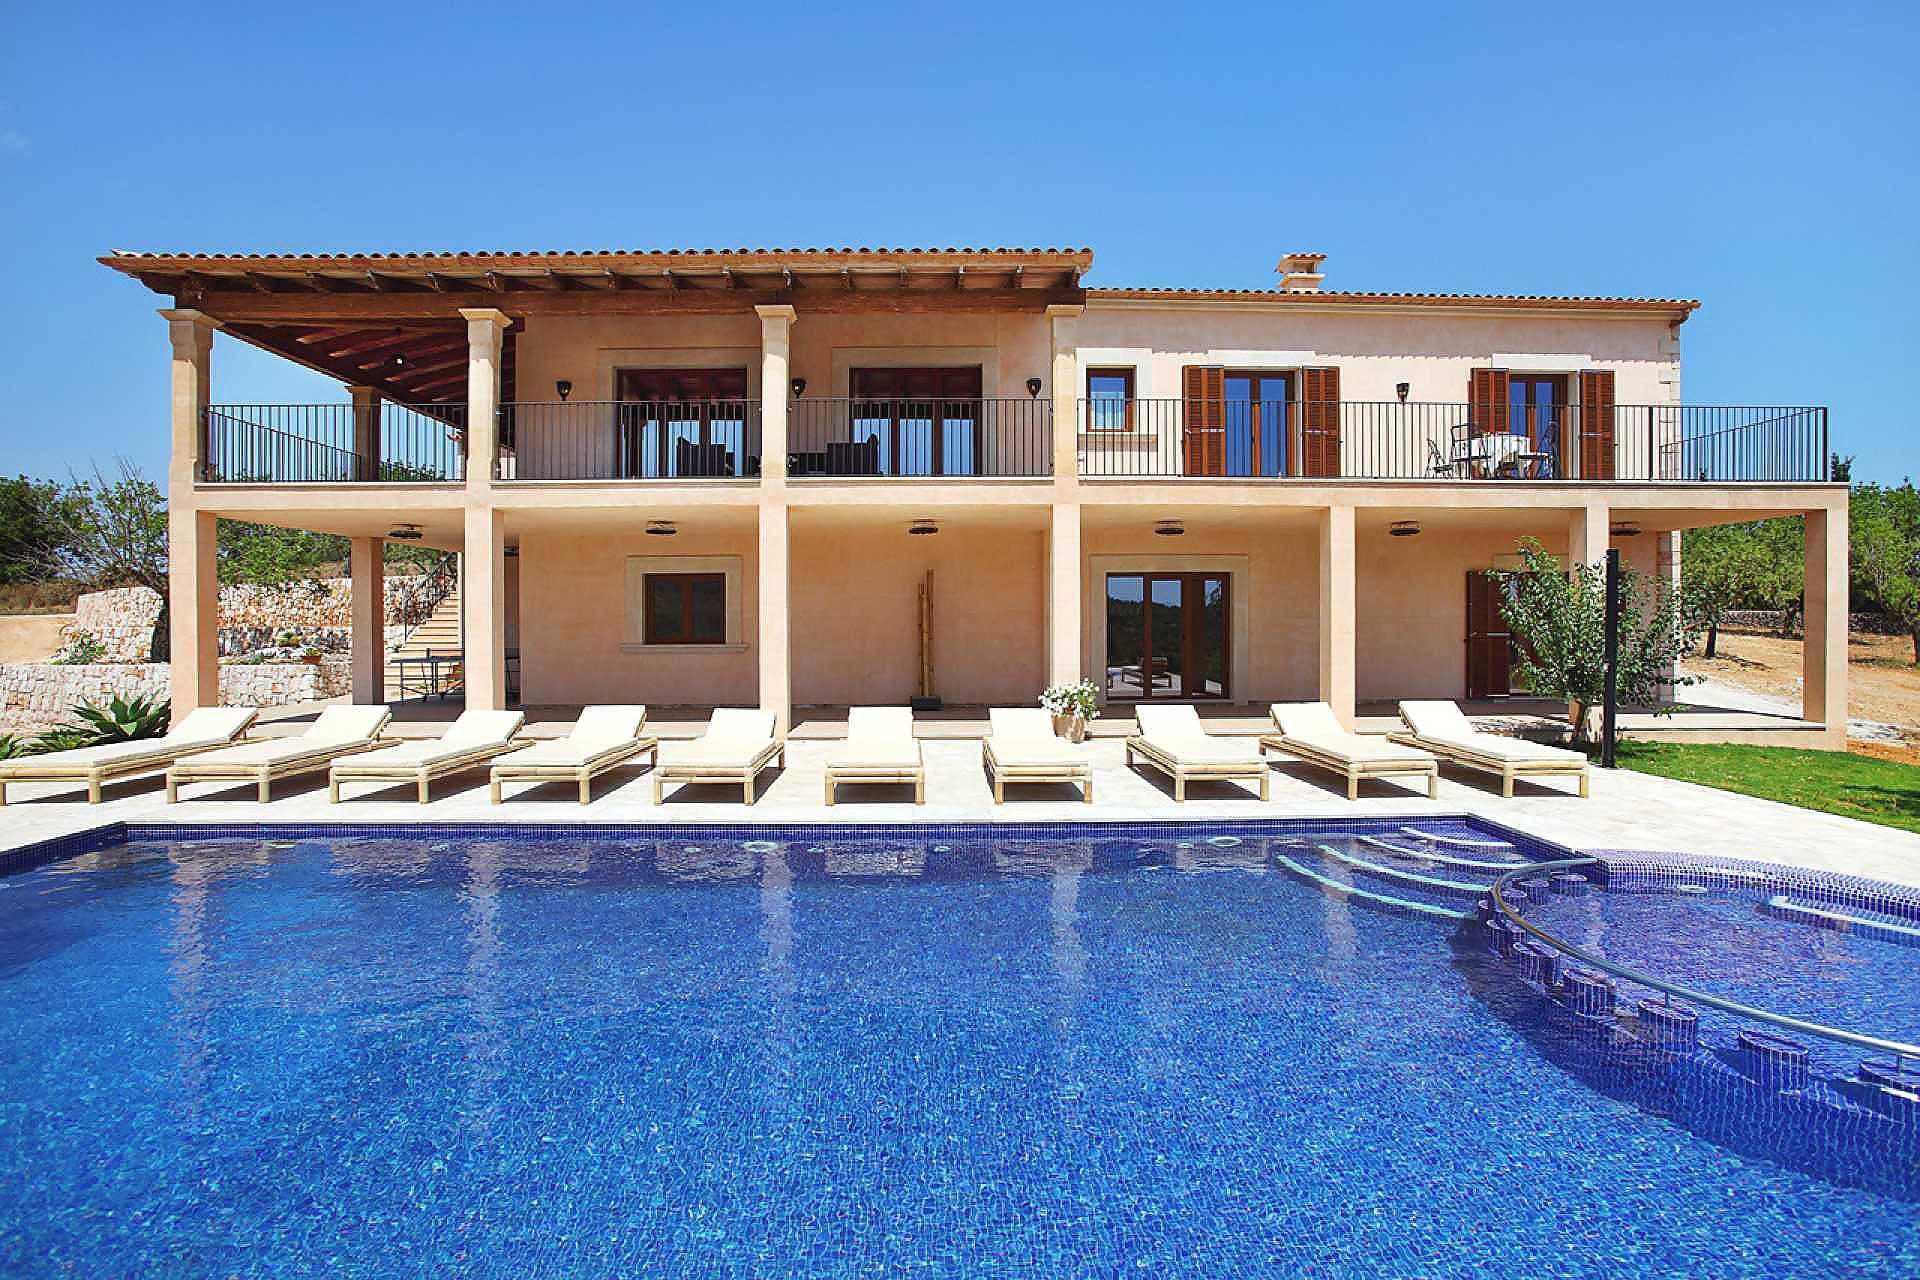 01-45 Exklusive Finca Mallorca Osten Bild 4